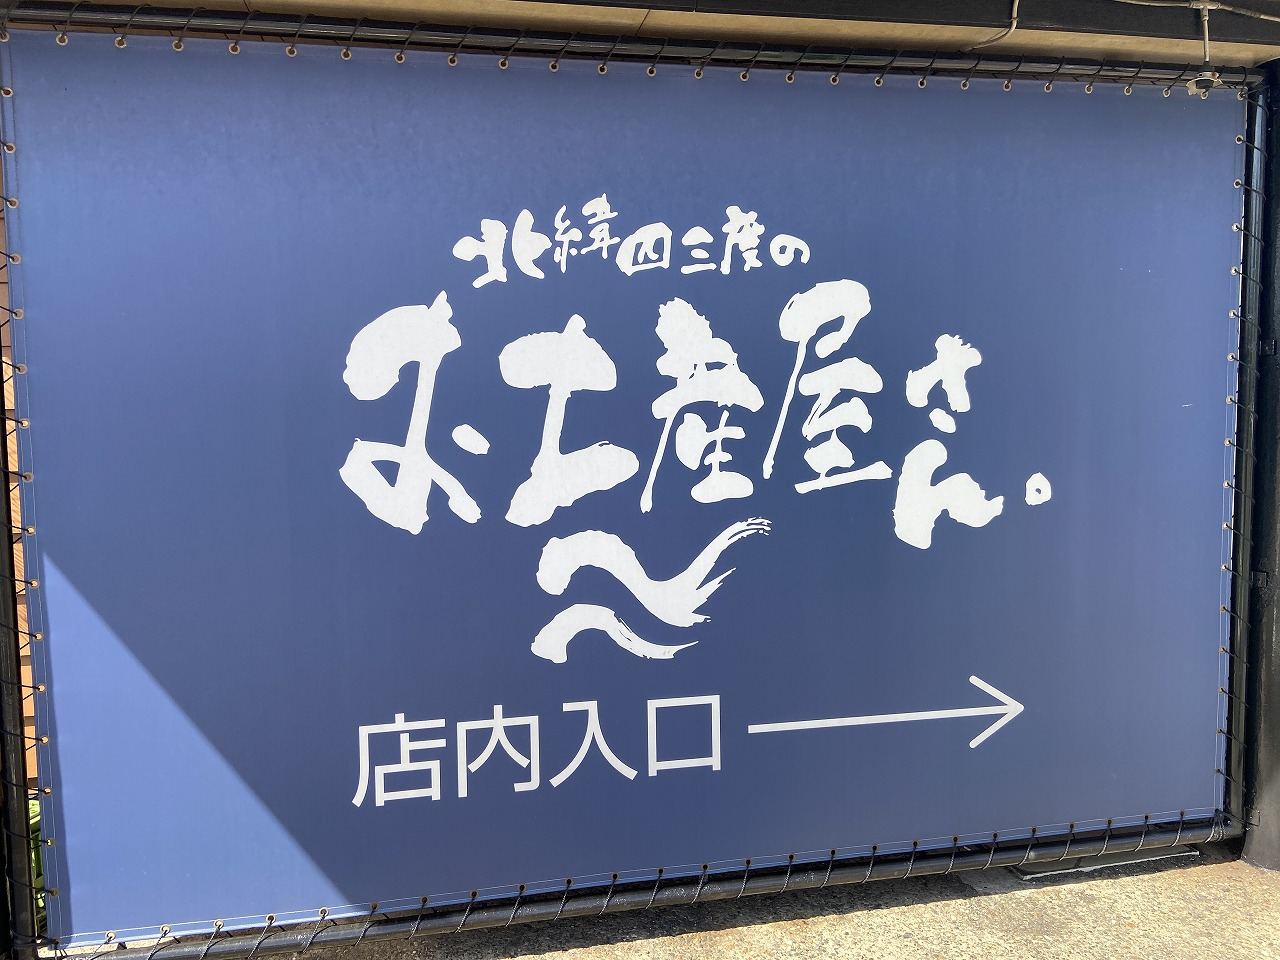 岩内焼き魚屋さん2